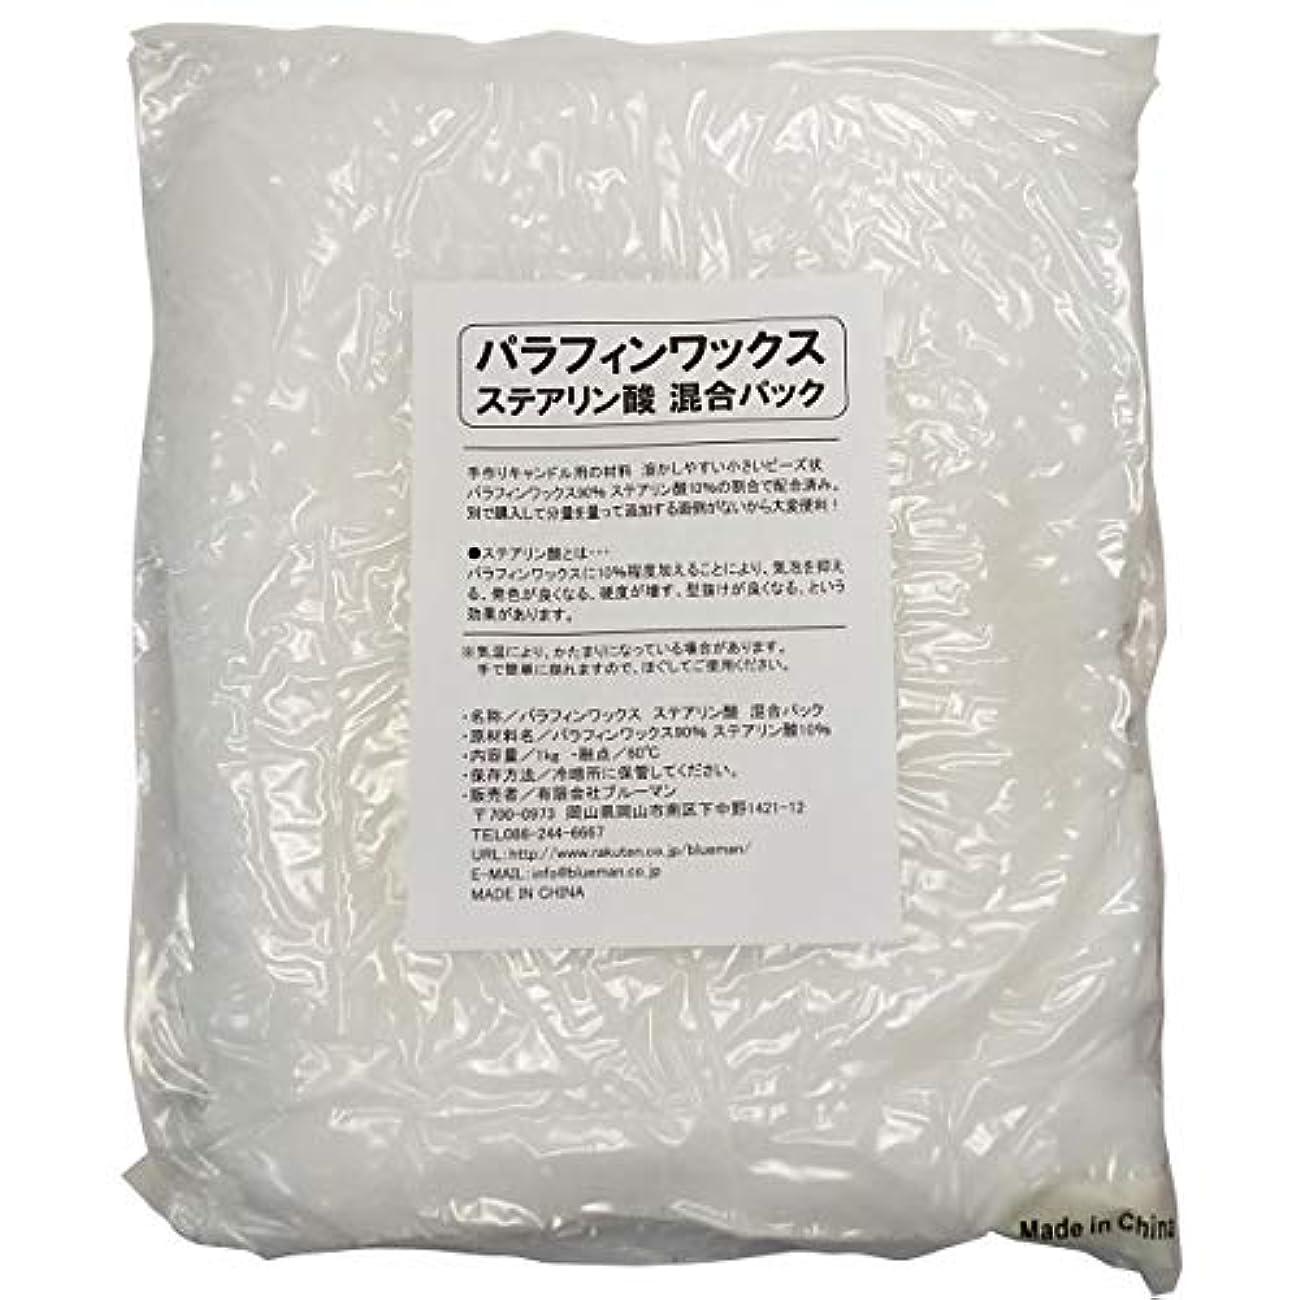 役に立つギター天パラフィンワックス ステアリン酸 混合パック 1kg 手作りキャンドル 材料 1キロ アロマワックスサシェ